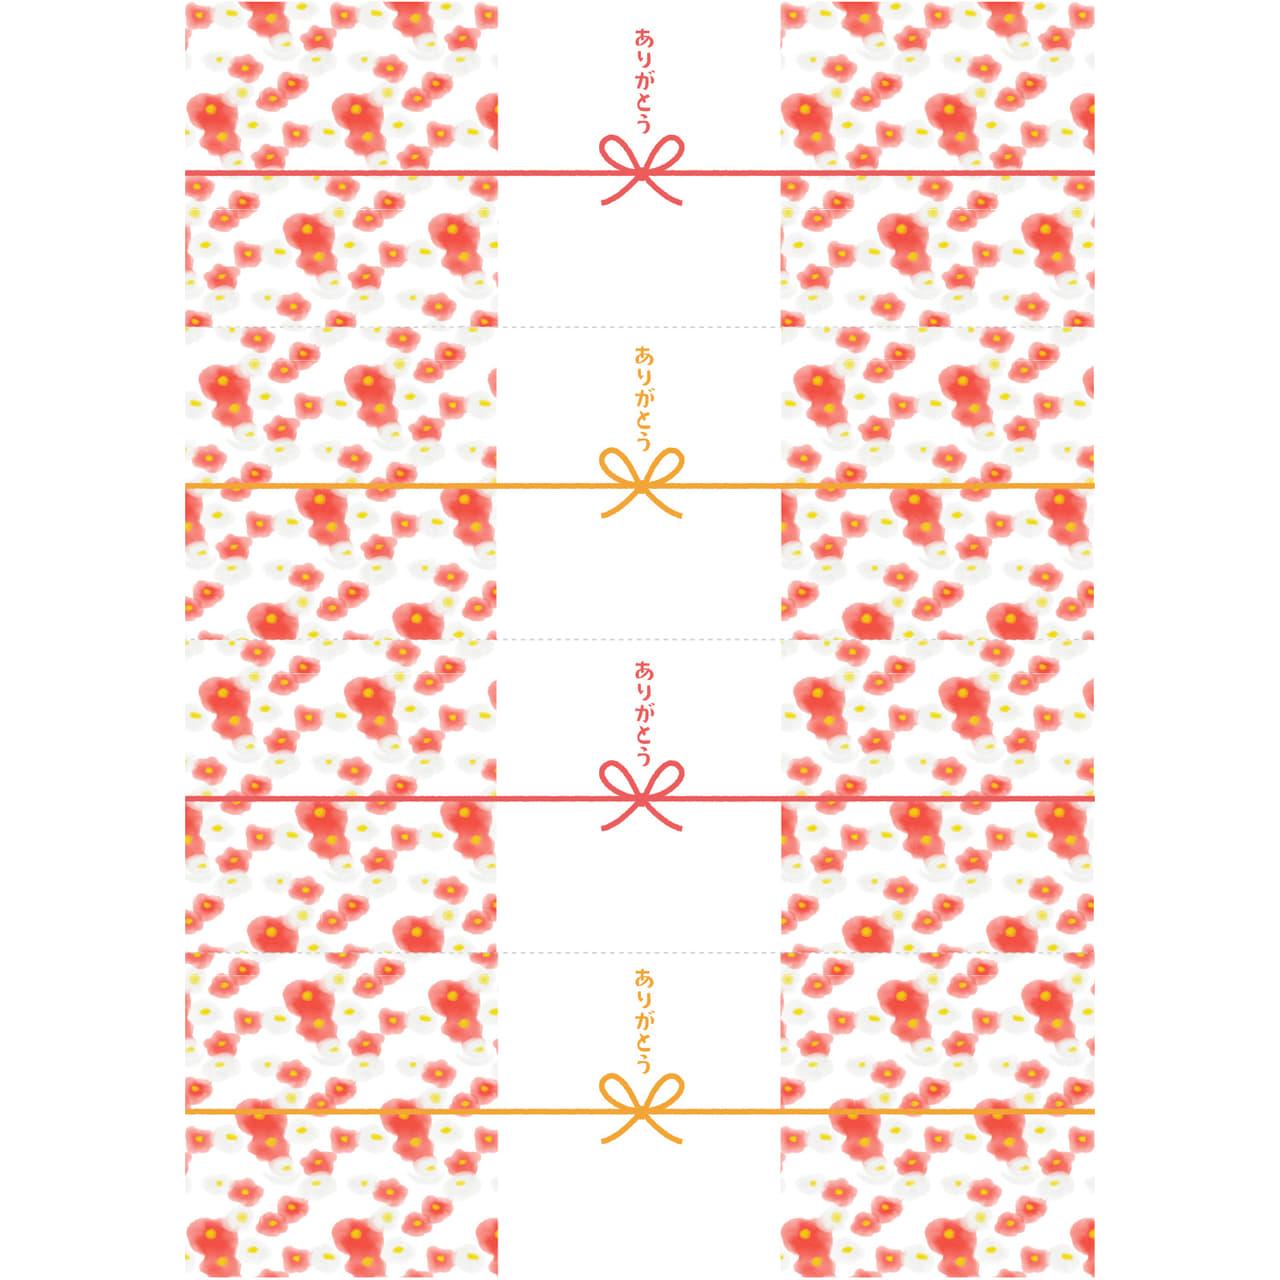 切って使えるかわいい椿柄ののし紙ーメッセージ付き(4分割)